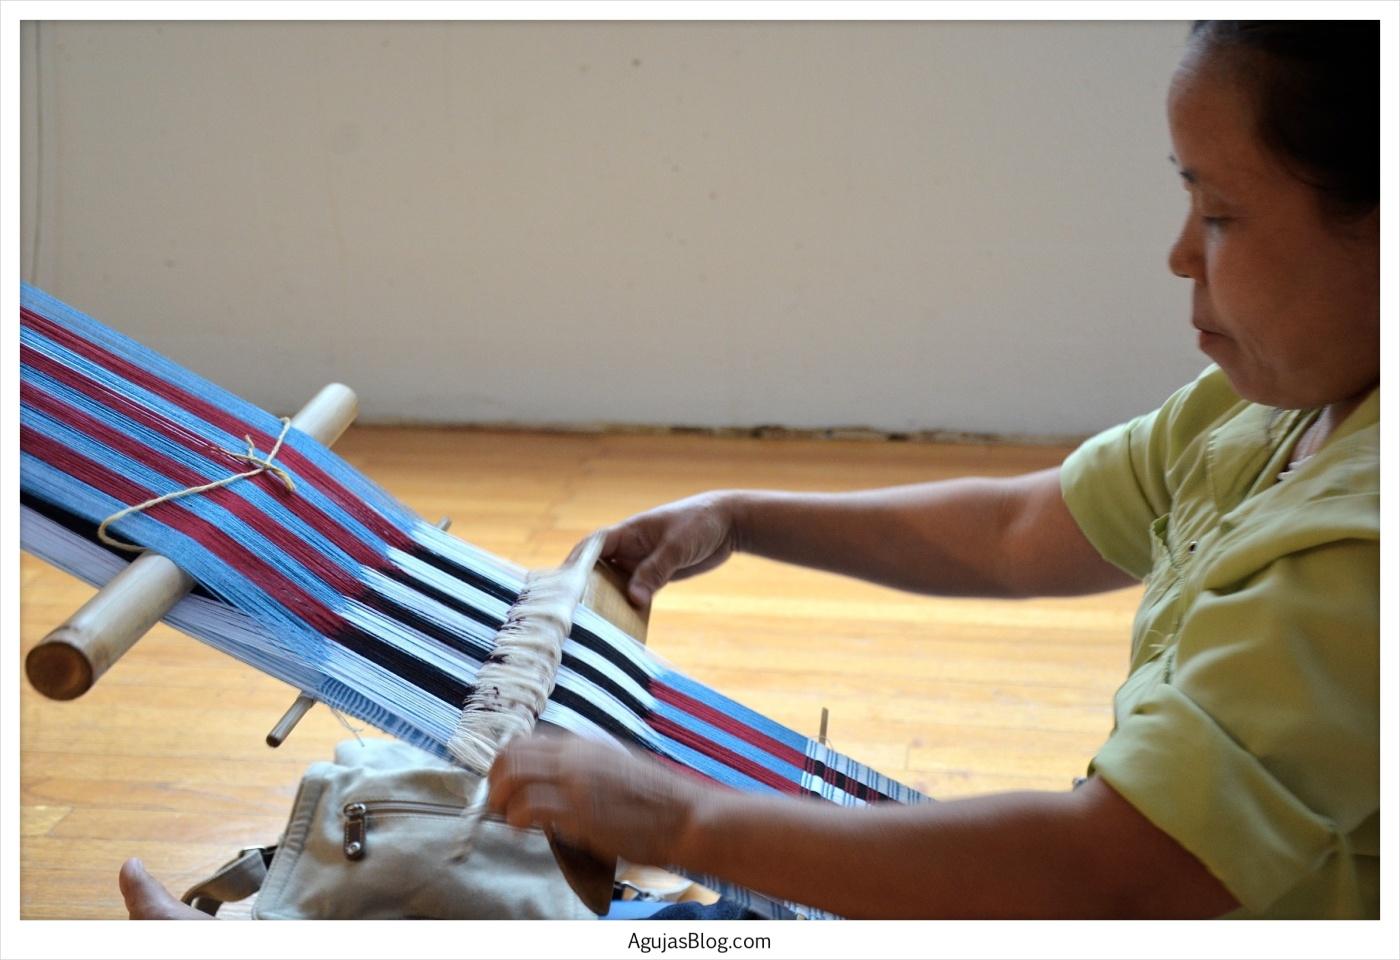 Weaving Home Exhibit